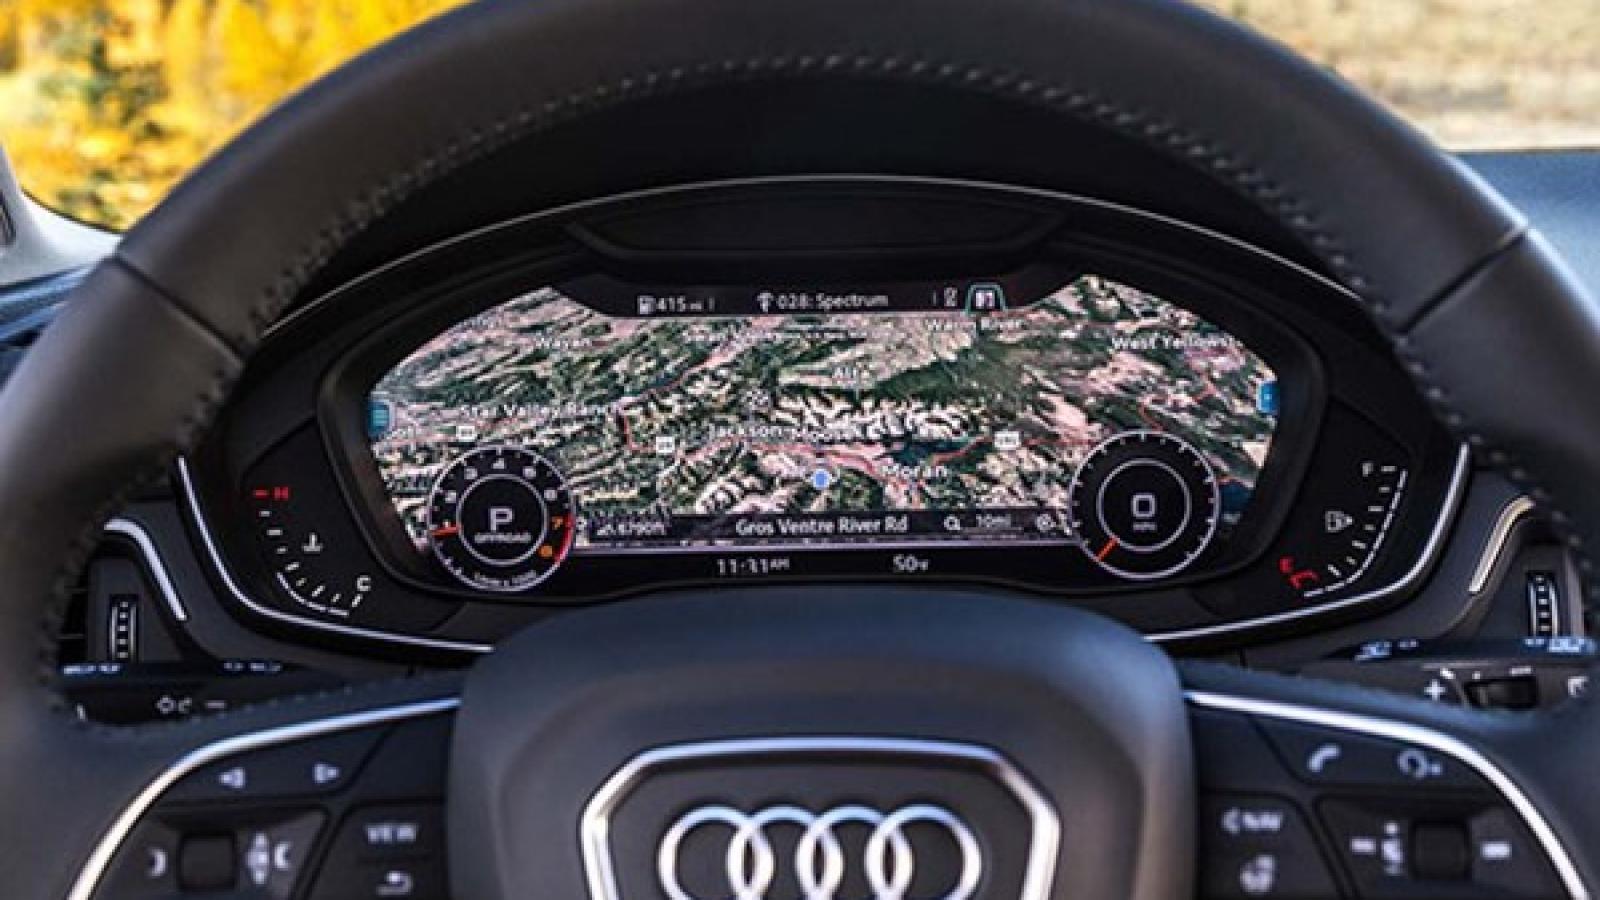 آئودی به منظور کاهش هزینه های خود پروژه های فناوری را متوقف میکند - اجاره خودرو طباطبایی